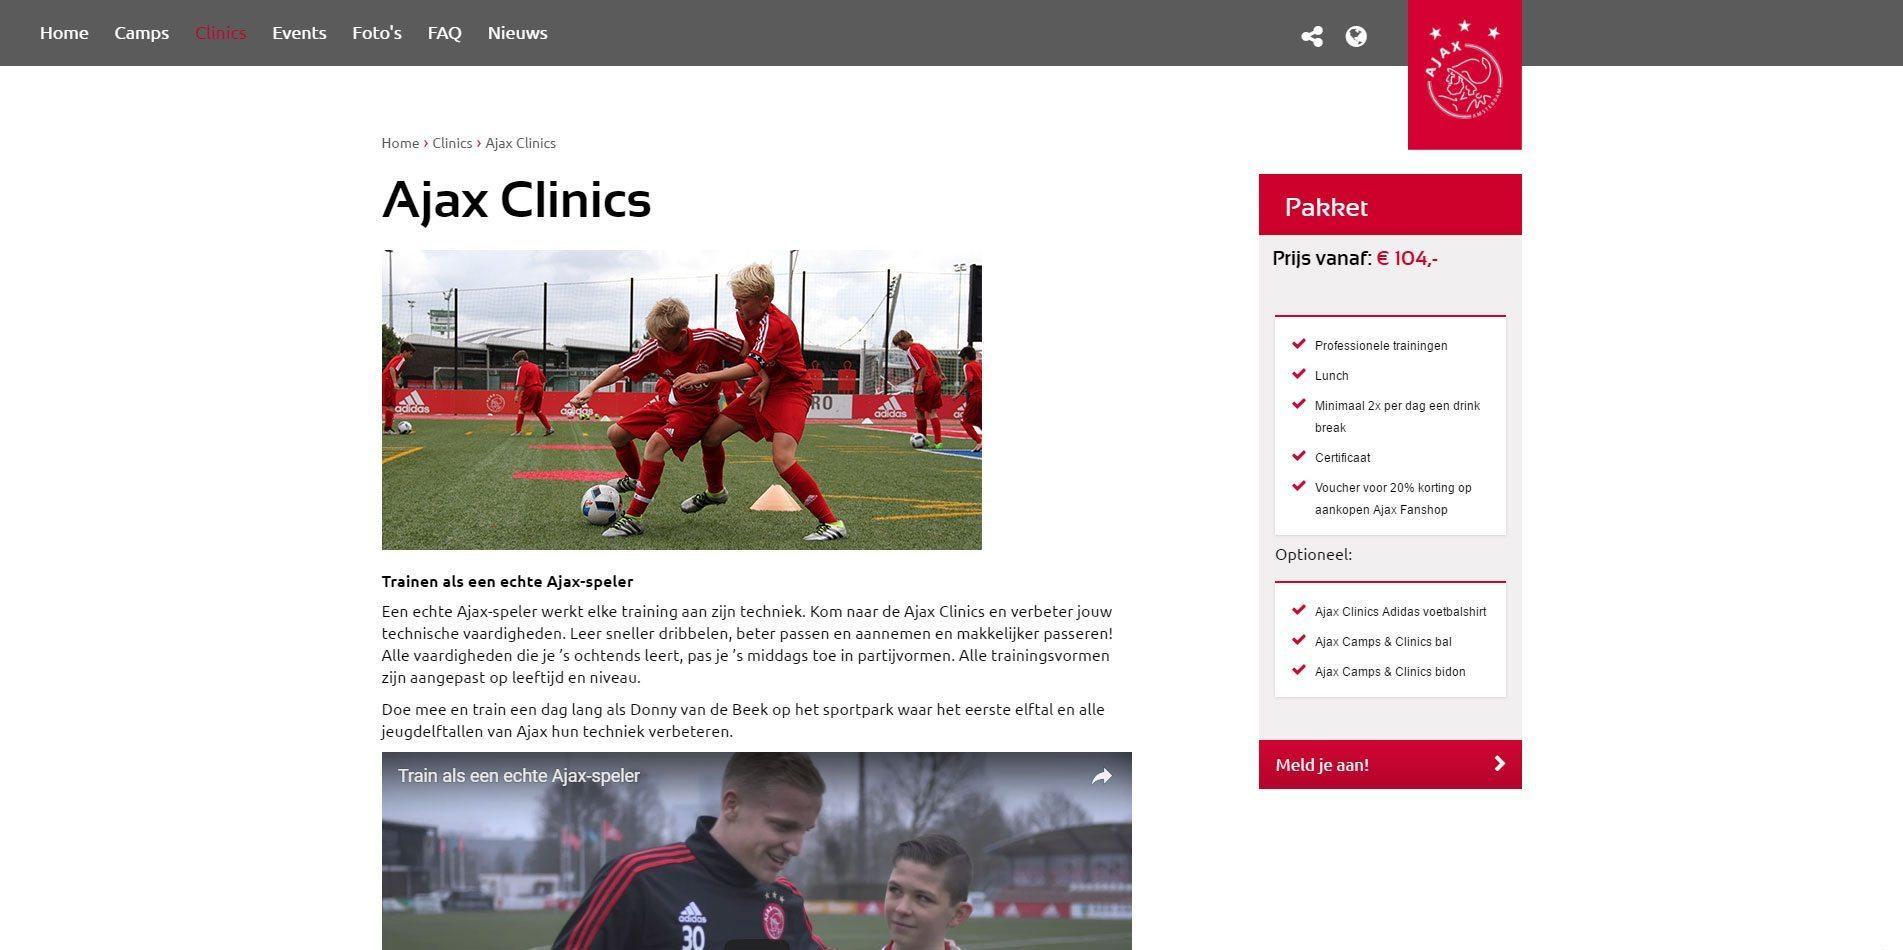 Ajax Clinics